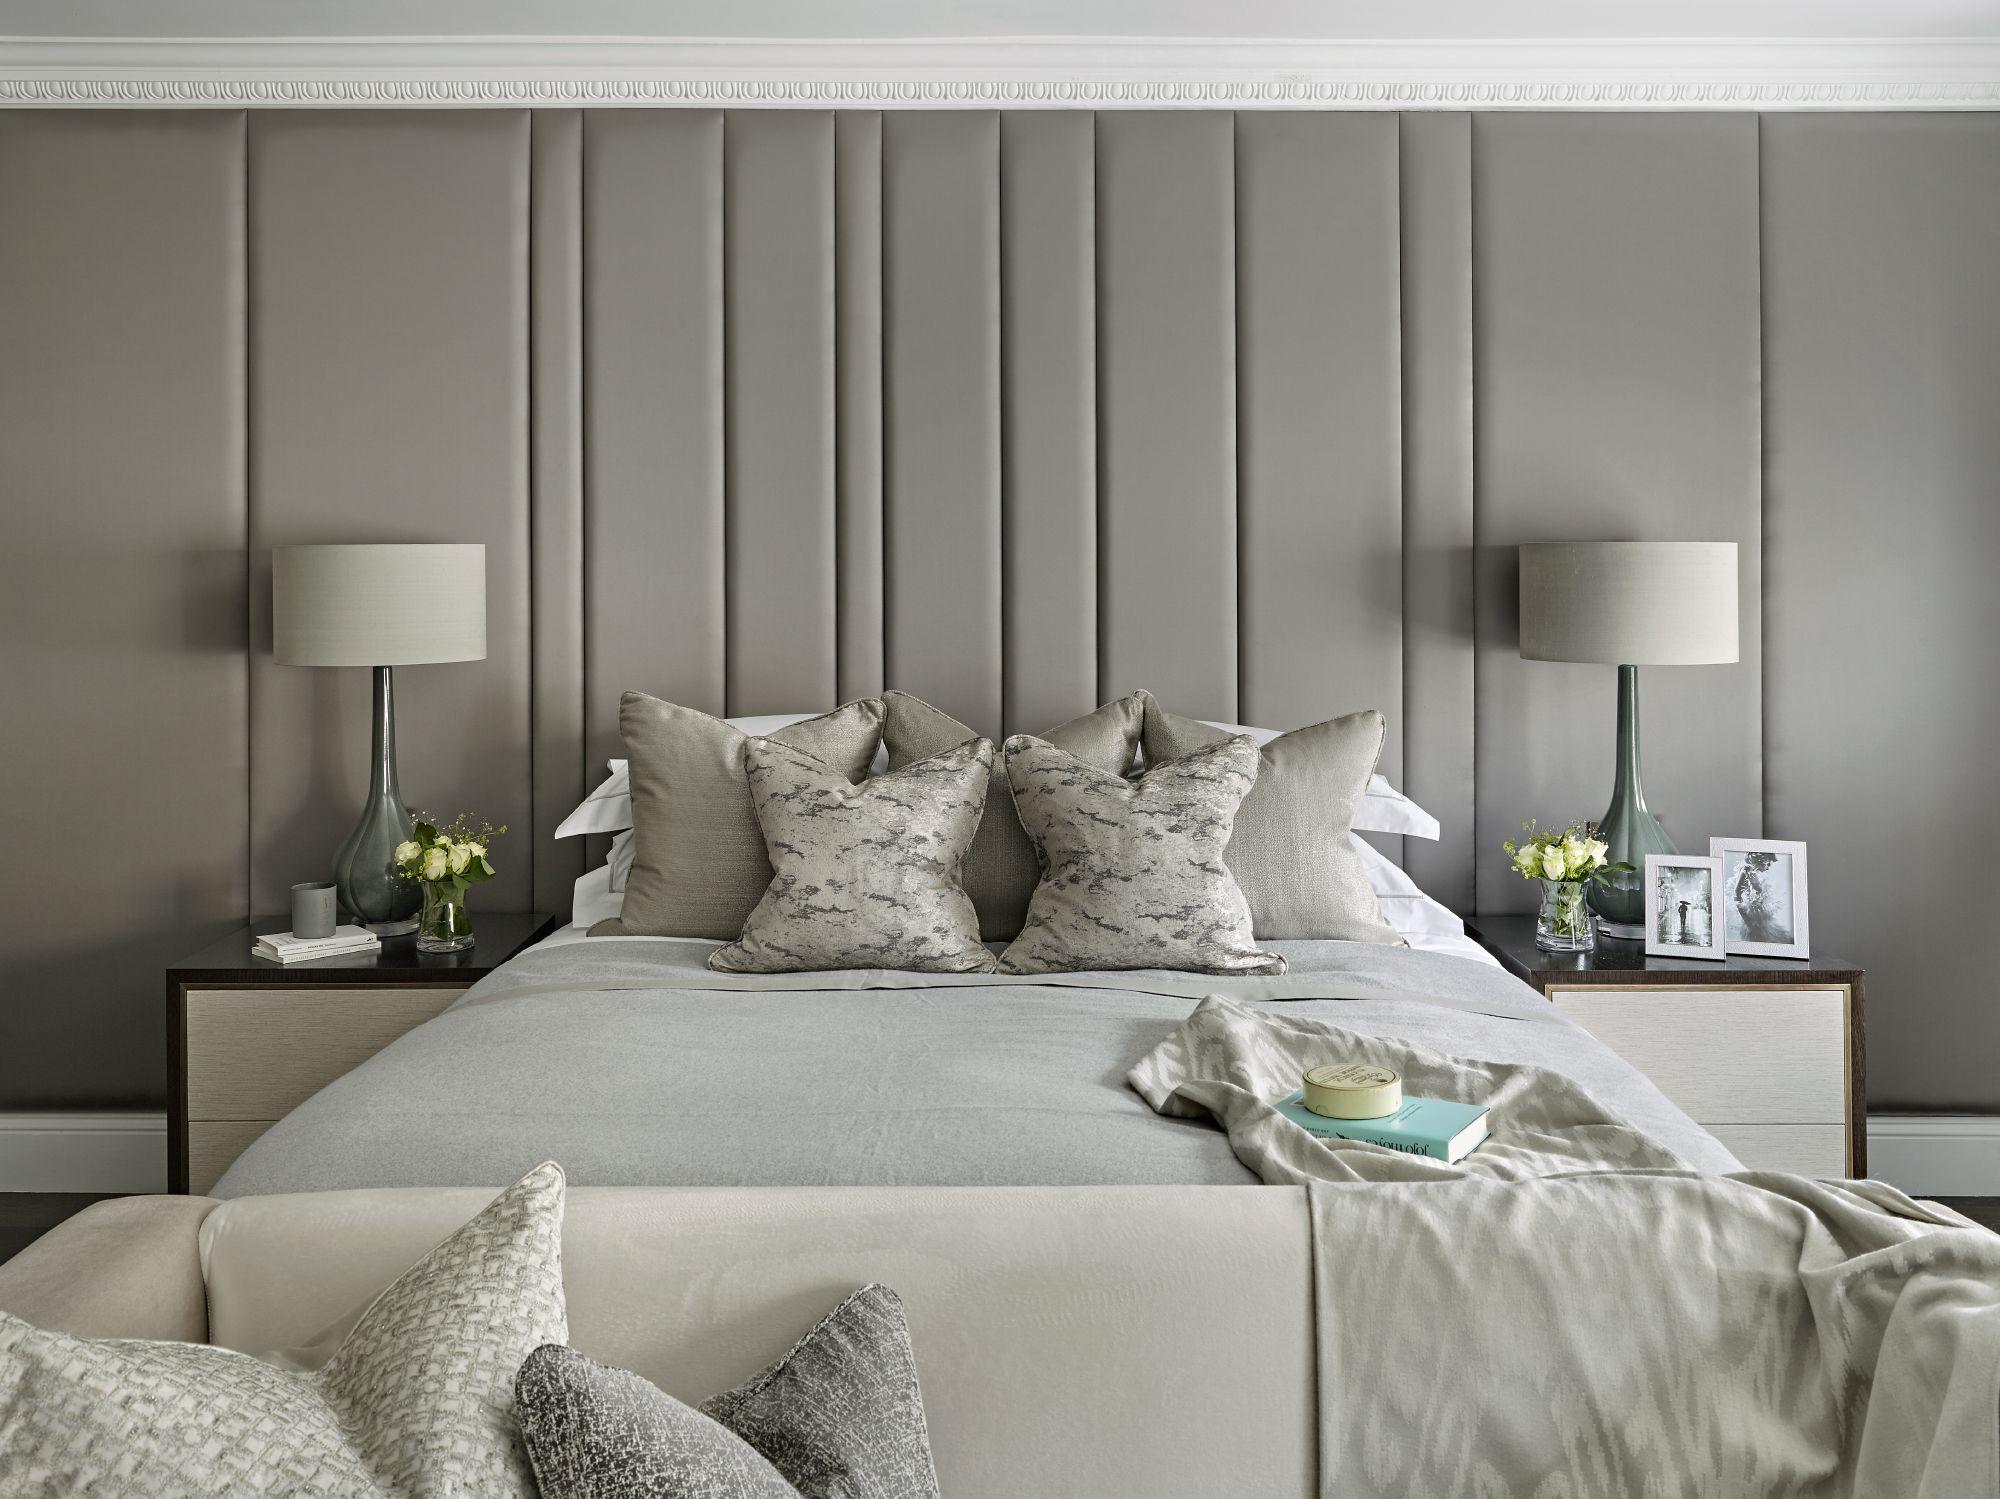 Bespoke upholstered wall, headboard, upholstered panels ...